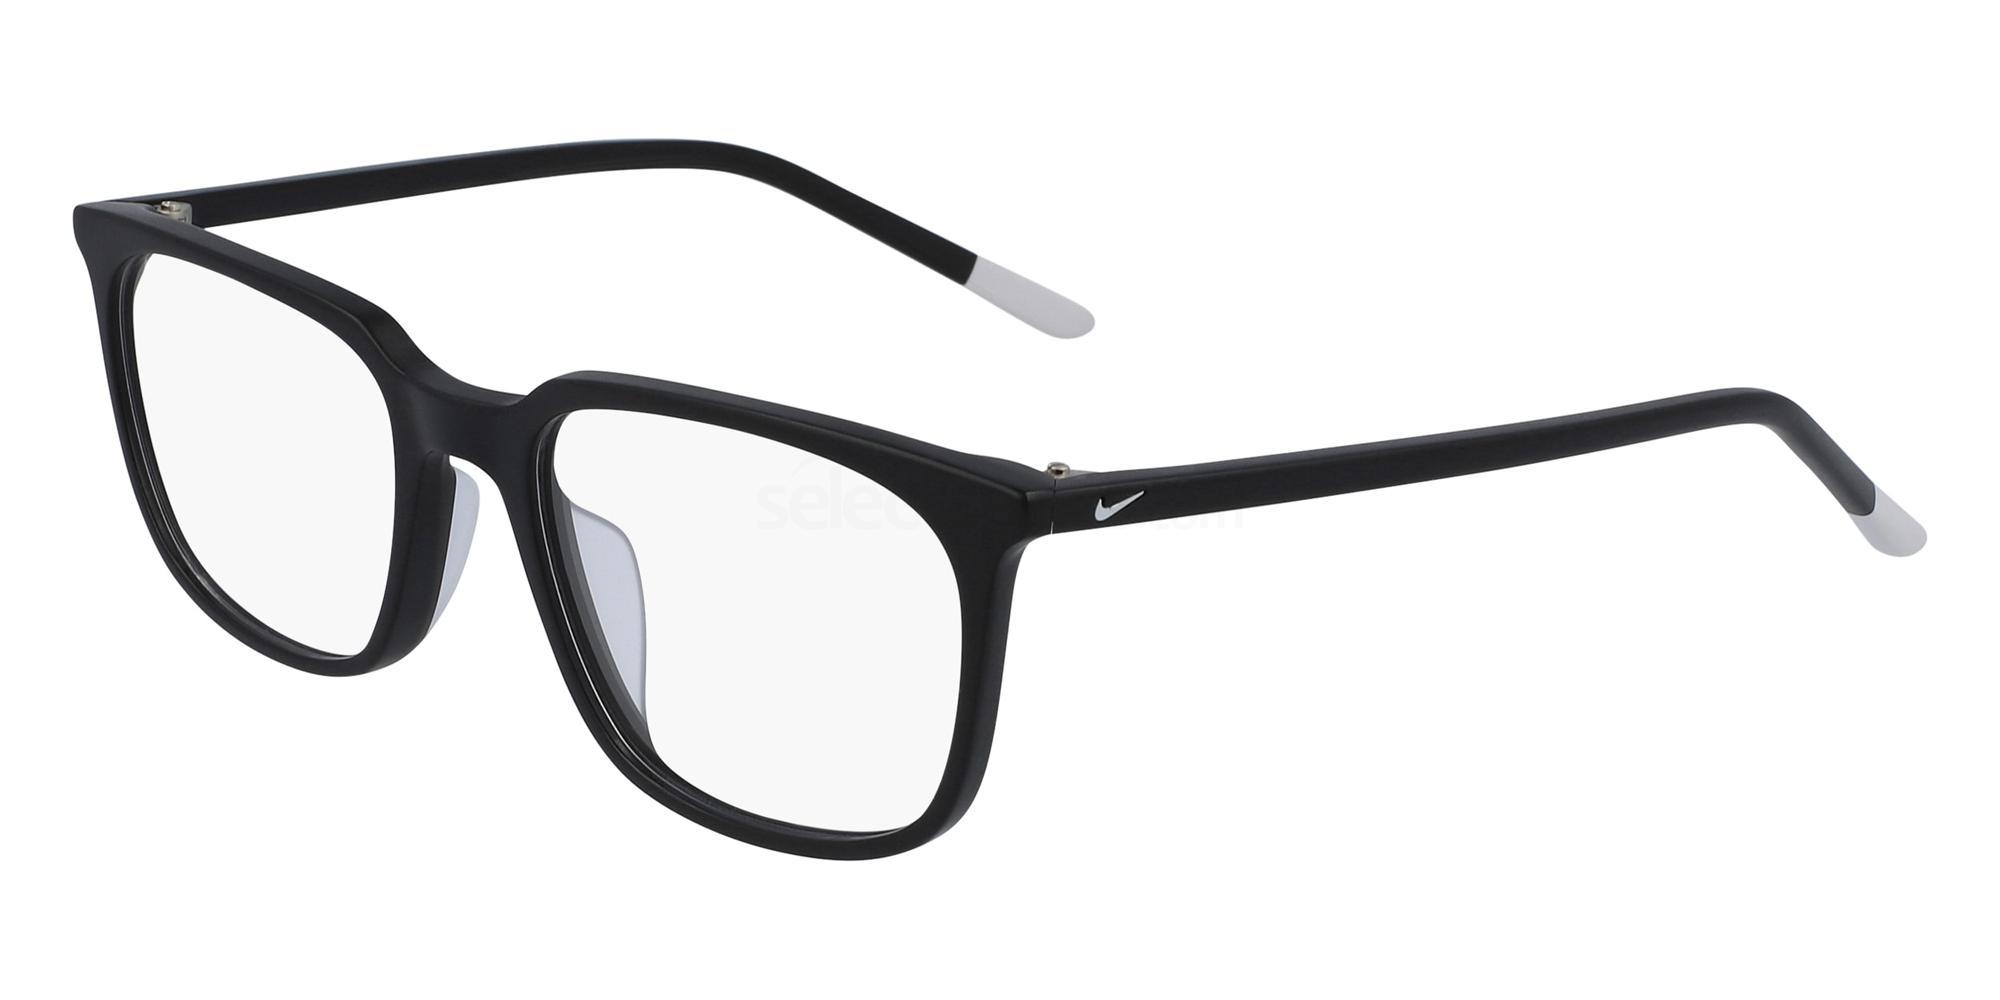 003 NIKE 7250 Glasses, Nike